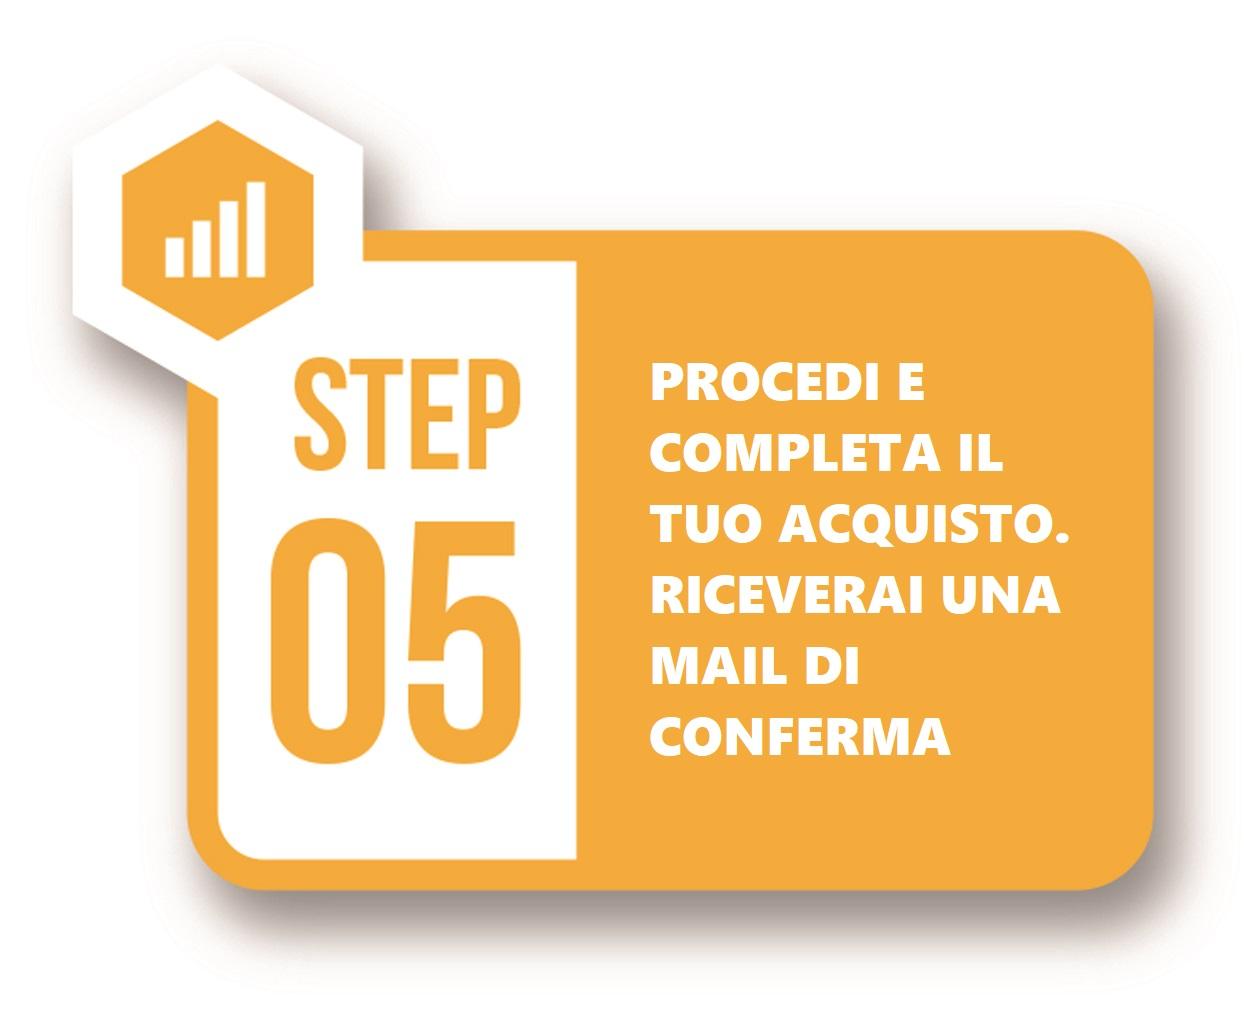 STEP 5 5.jpg